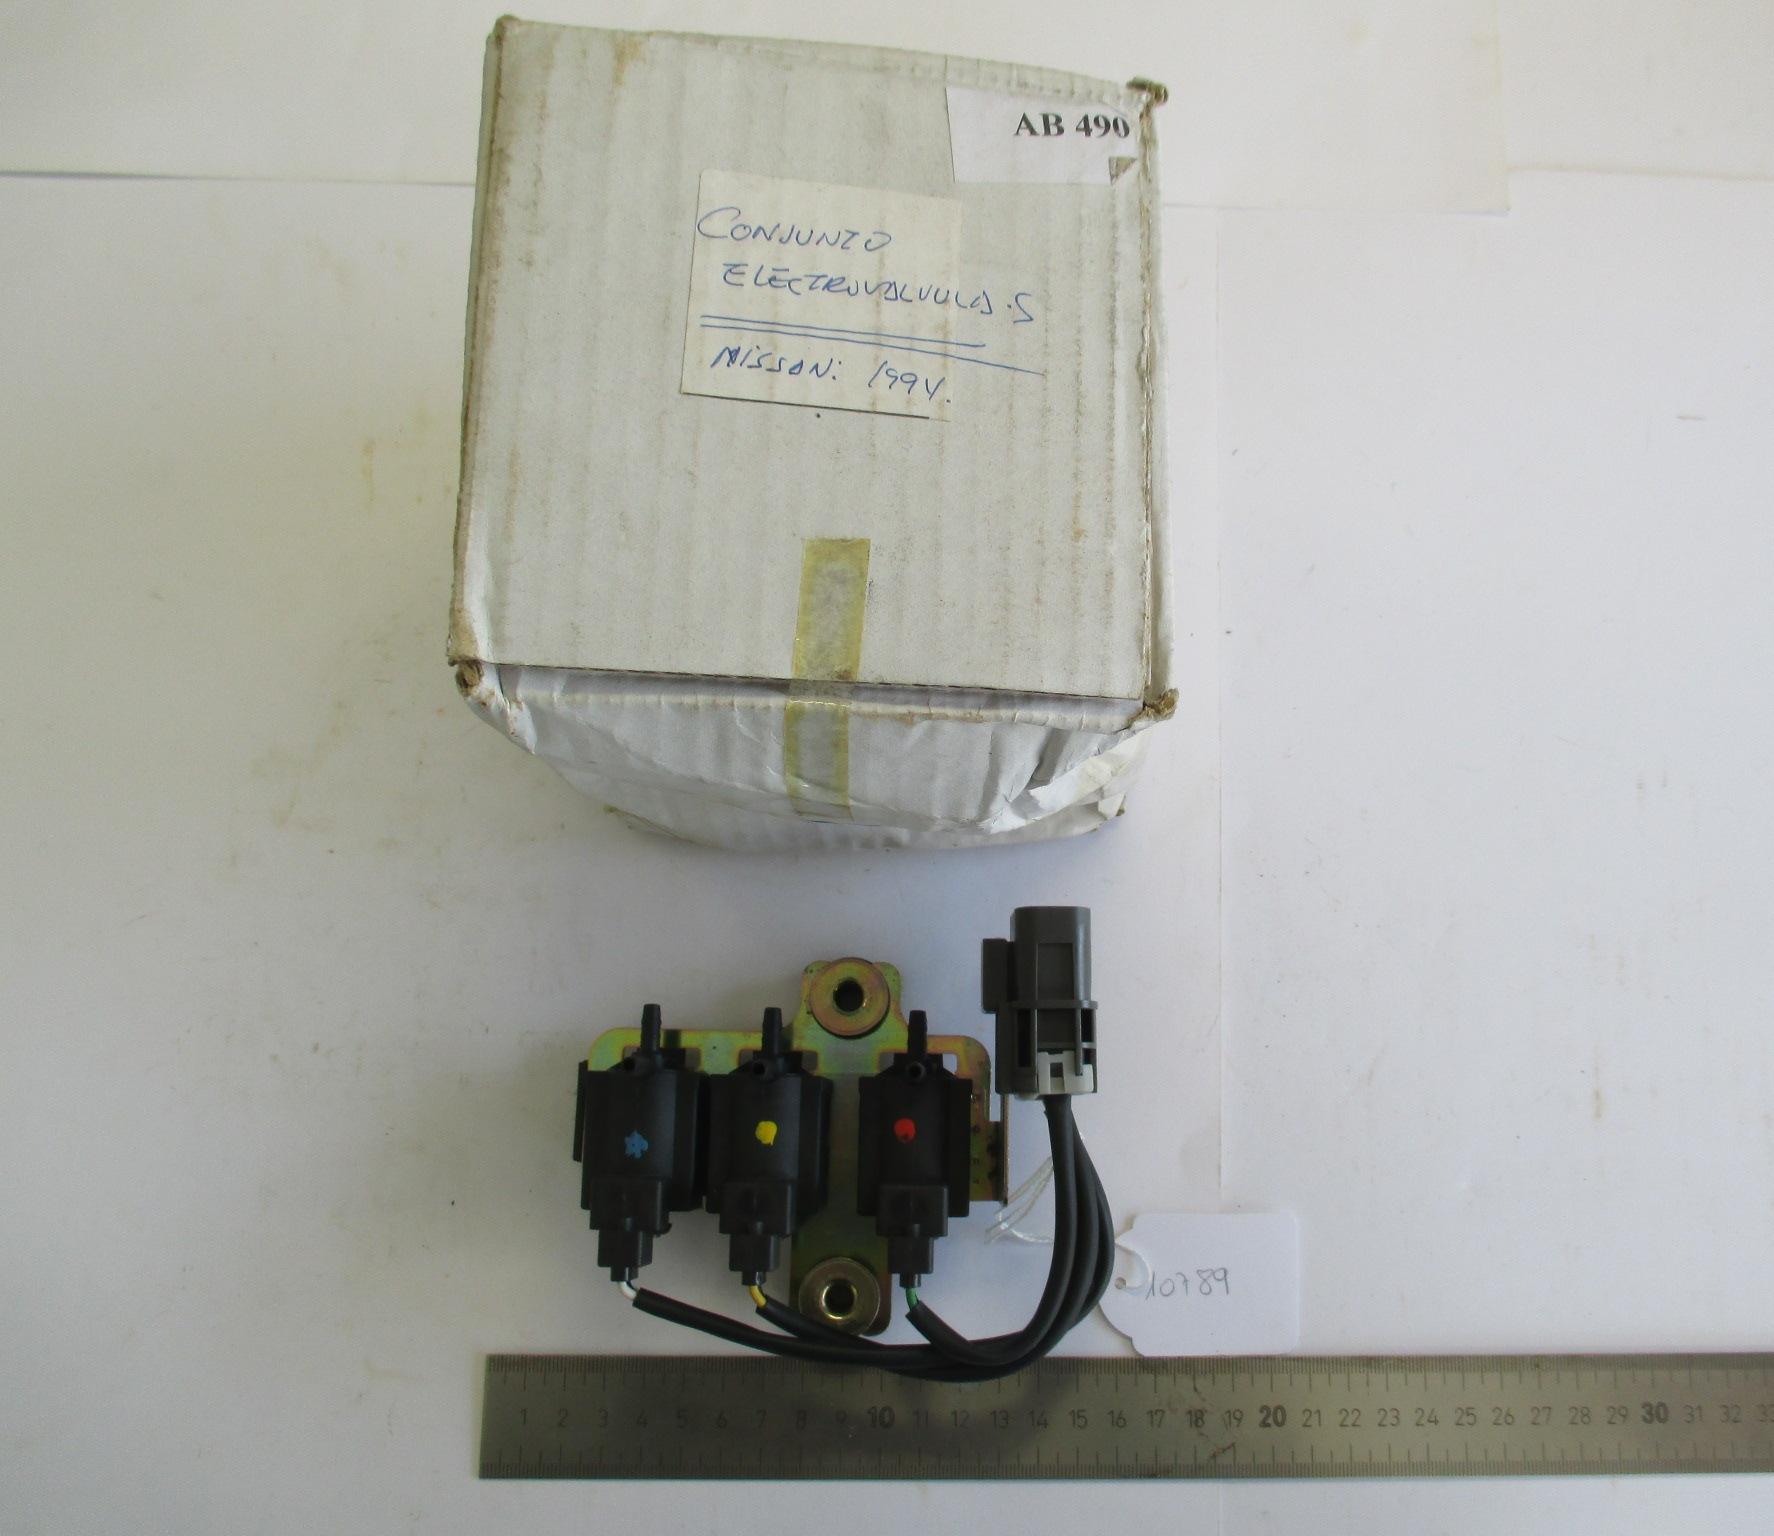 Conjunto de electroválvulas NISSAN.